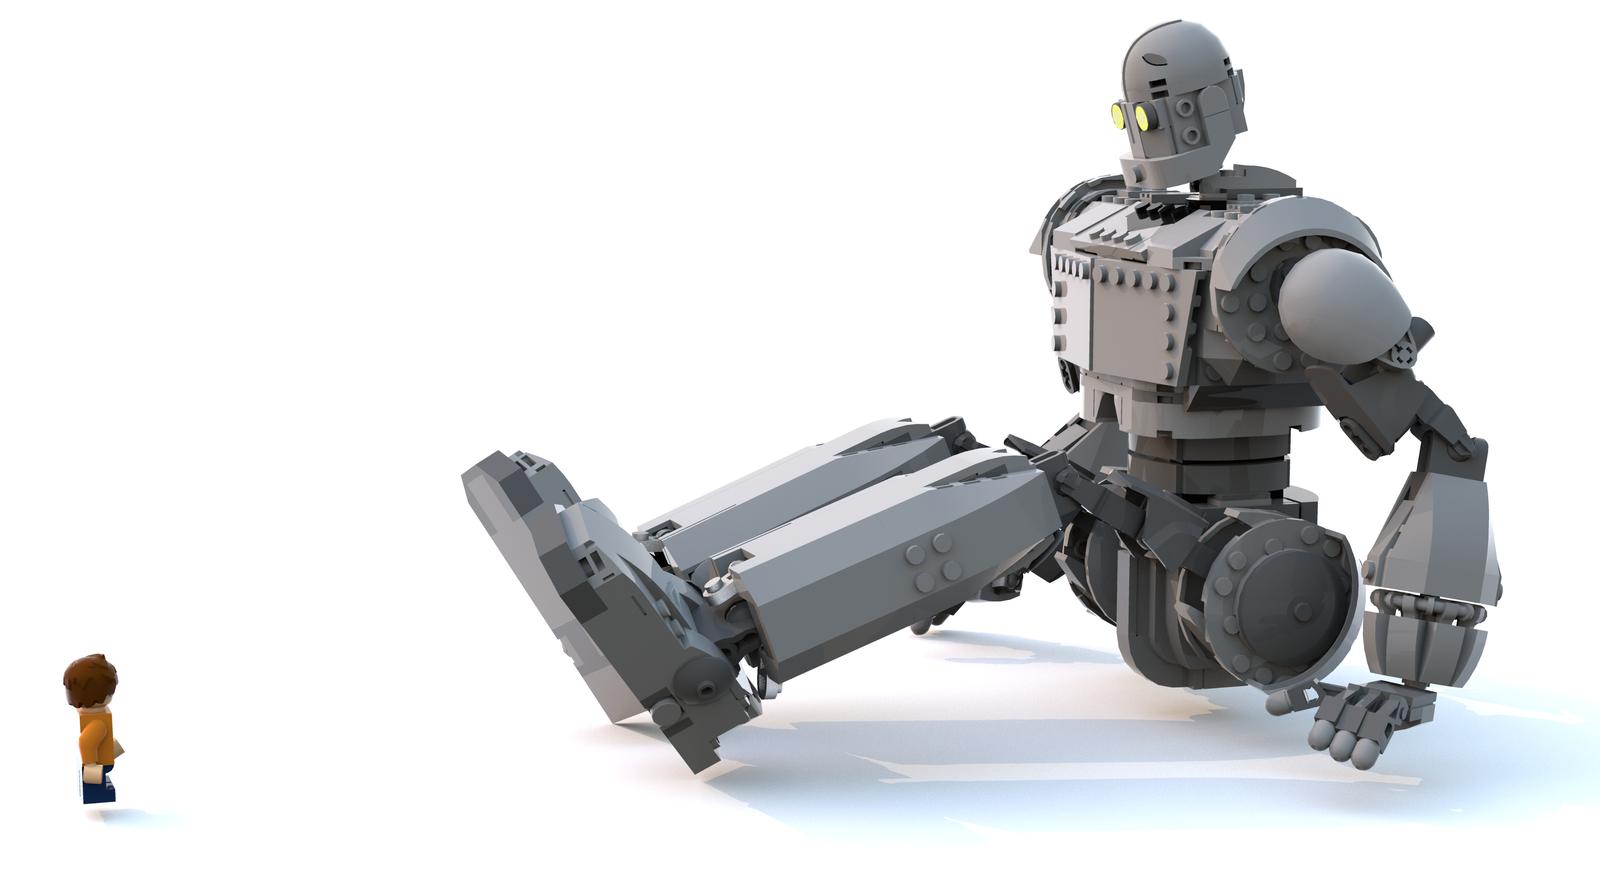 LEGO Ideas: Erste Review-Phase 2020 mit 26 Einreichungen (Robert Steinmetz) - 46